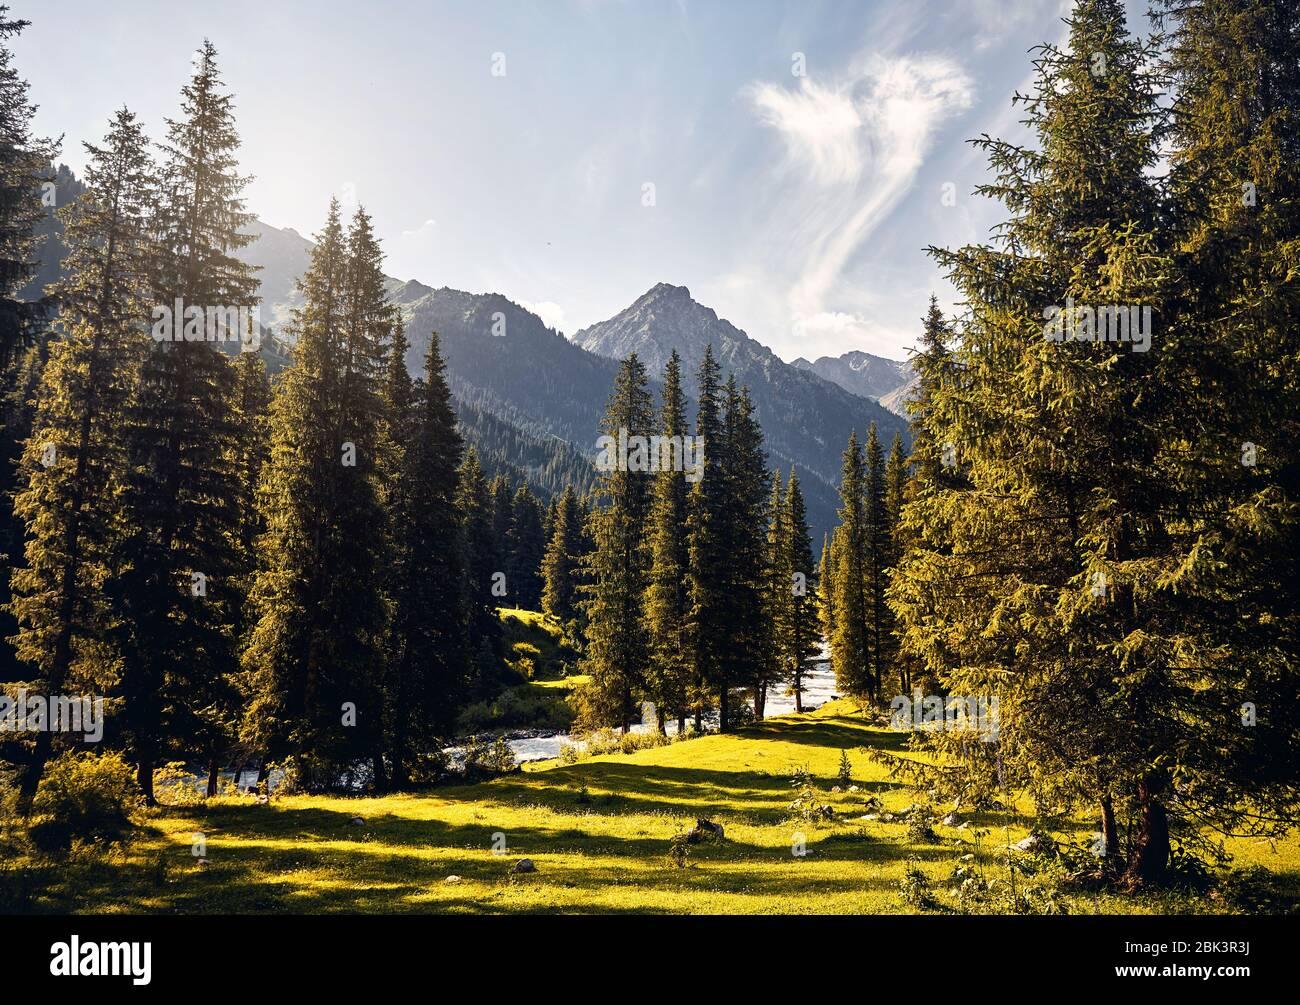 Paisaje de río y valle de montaña con abetos y pico nevado en Karakol, parque nacional de Kirguistán Foto de stock